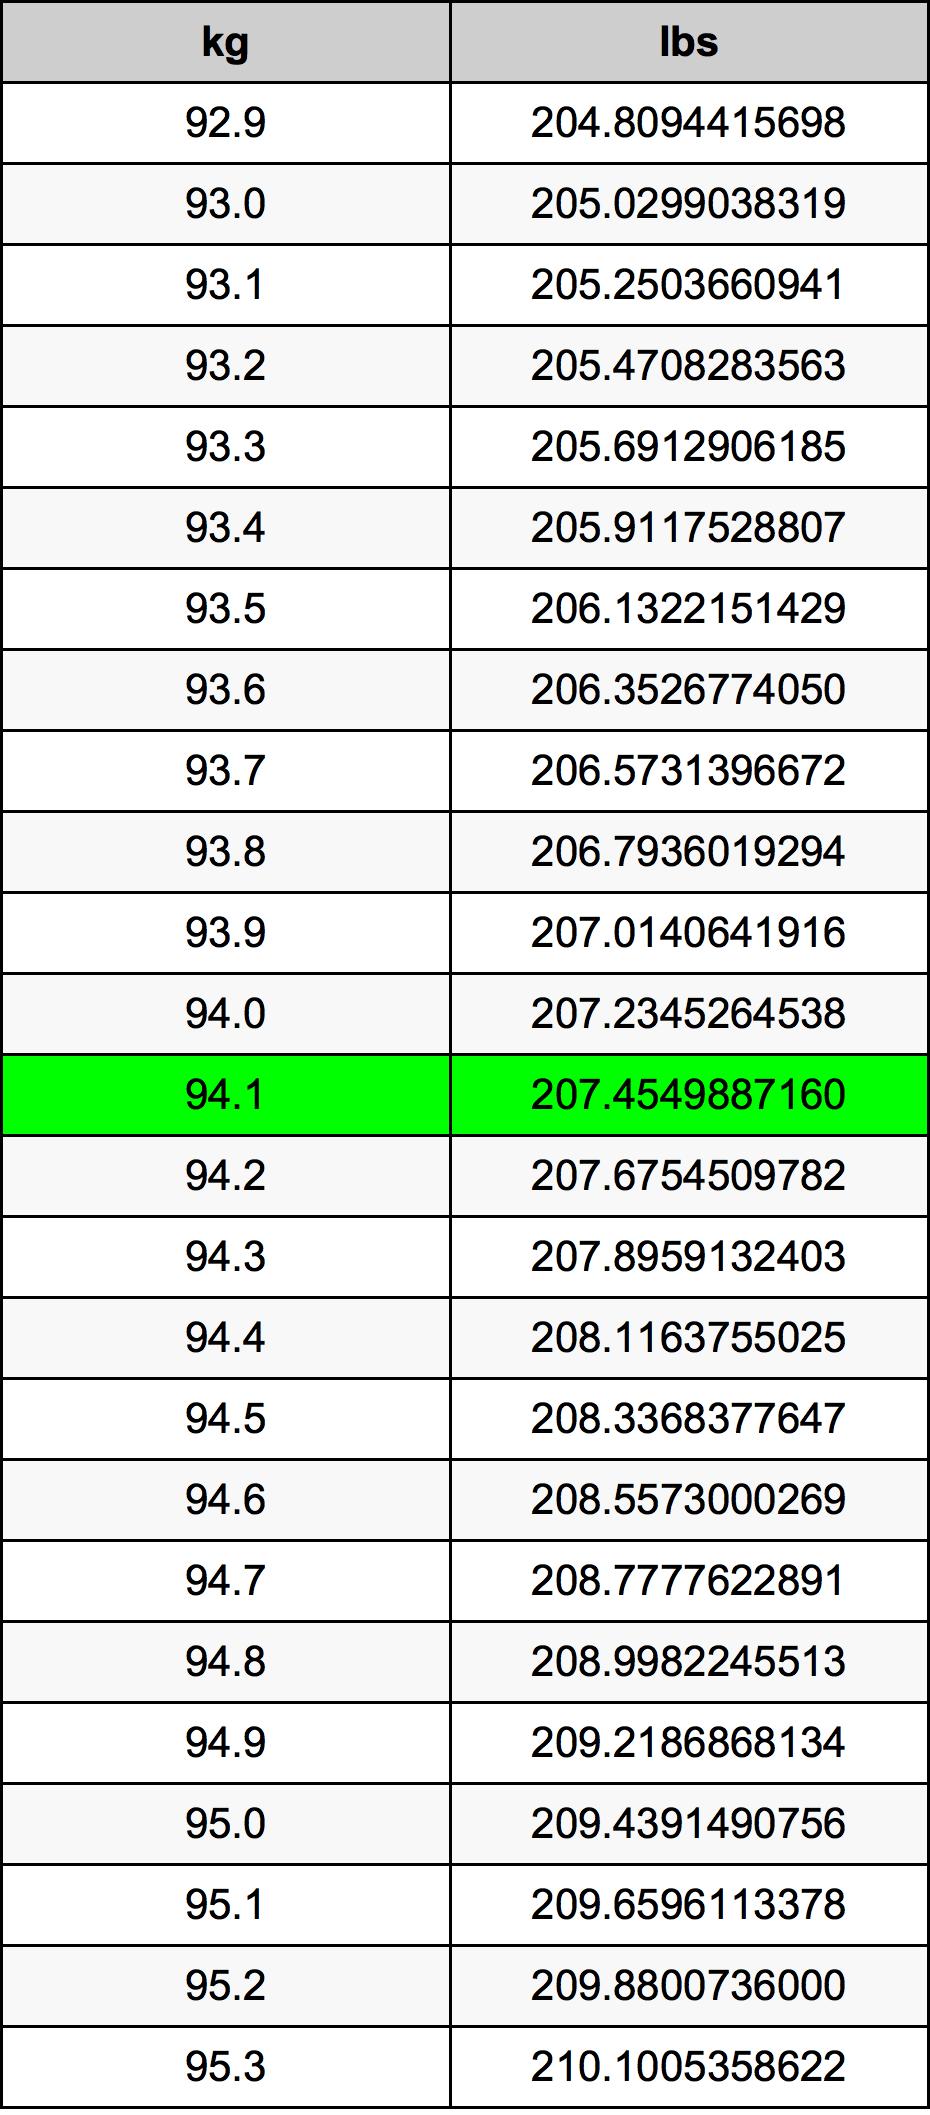 94.1 किलोग्राम रूपांतरण सारणी